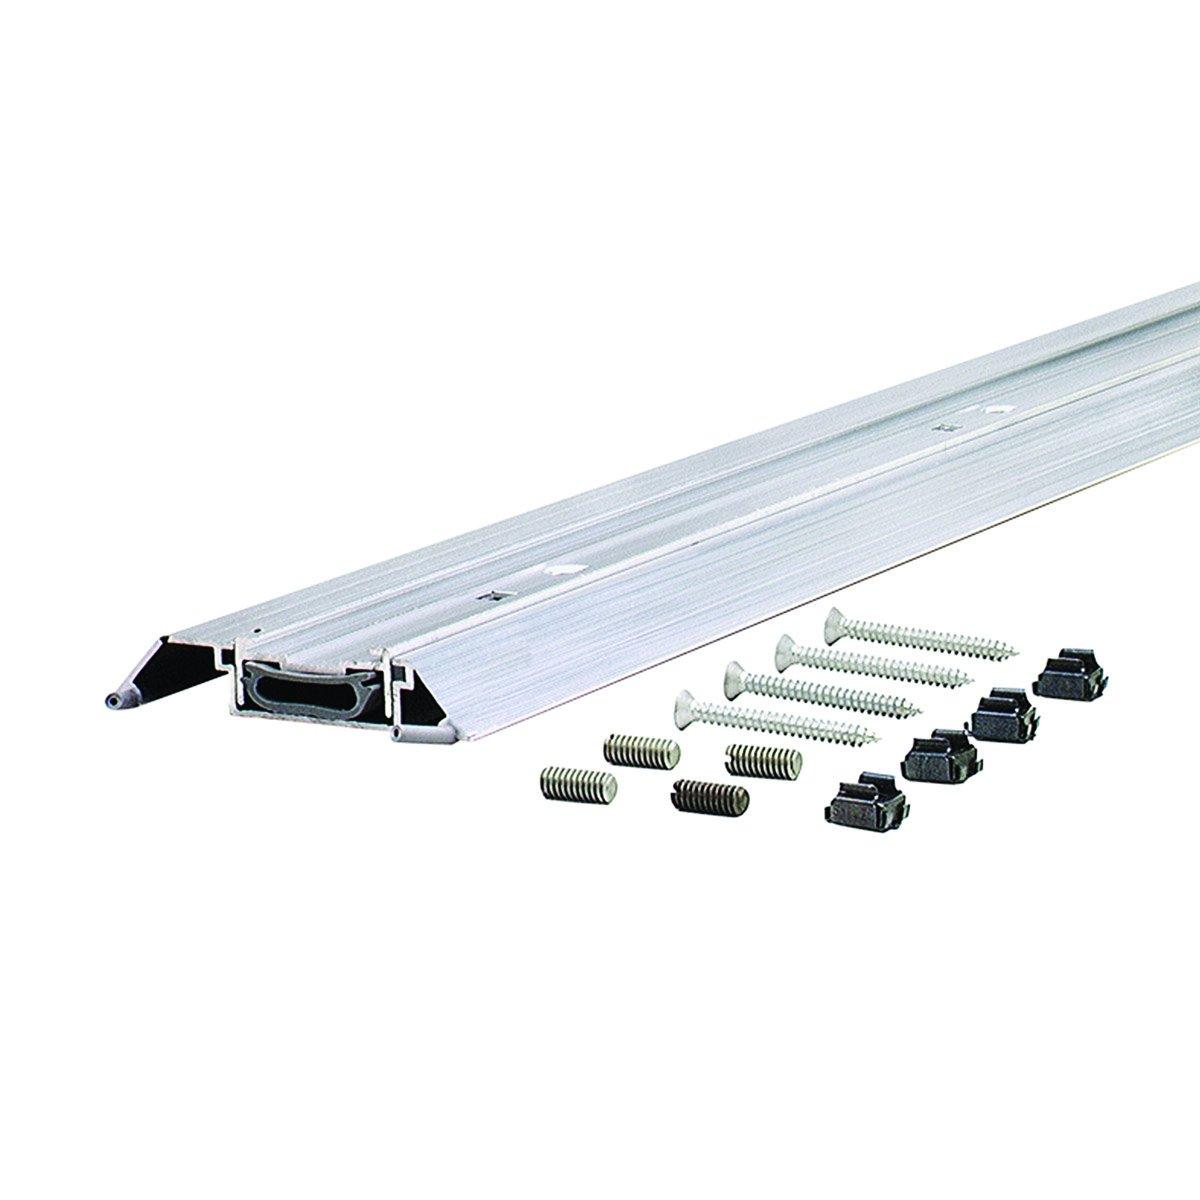 Adjustable Aluminum Door Threshold with Vinyl Seal - #99014 by Custom Door Thresholds (Image #1)